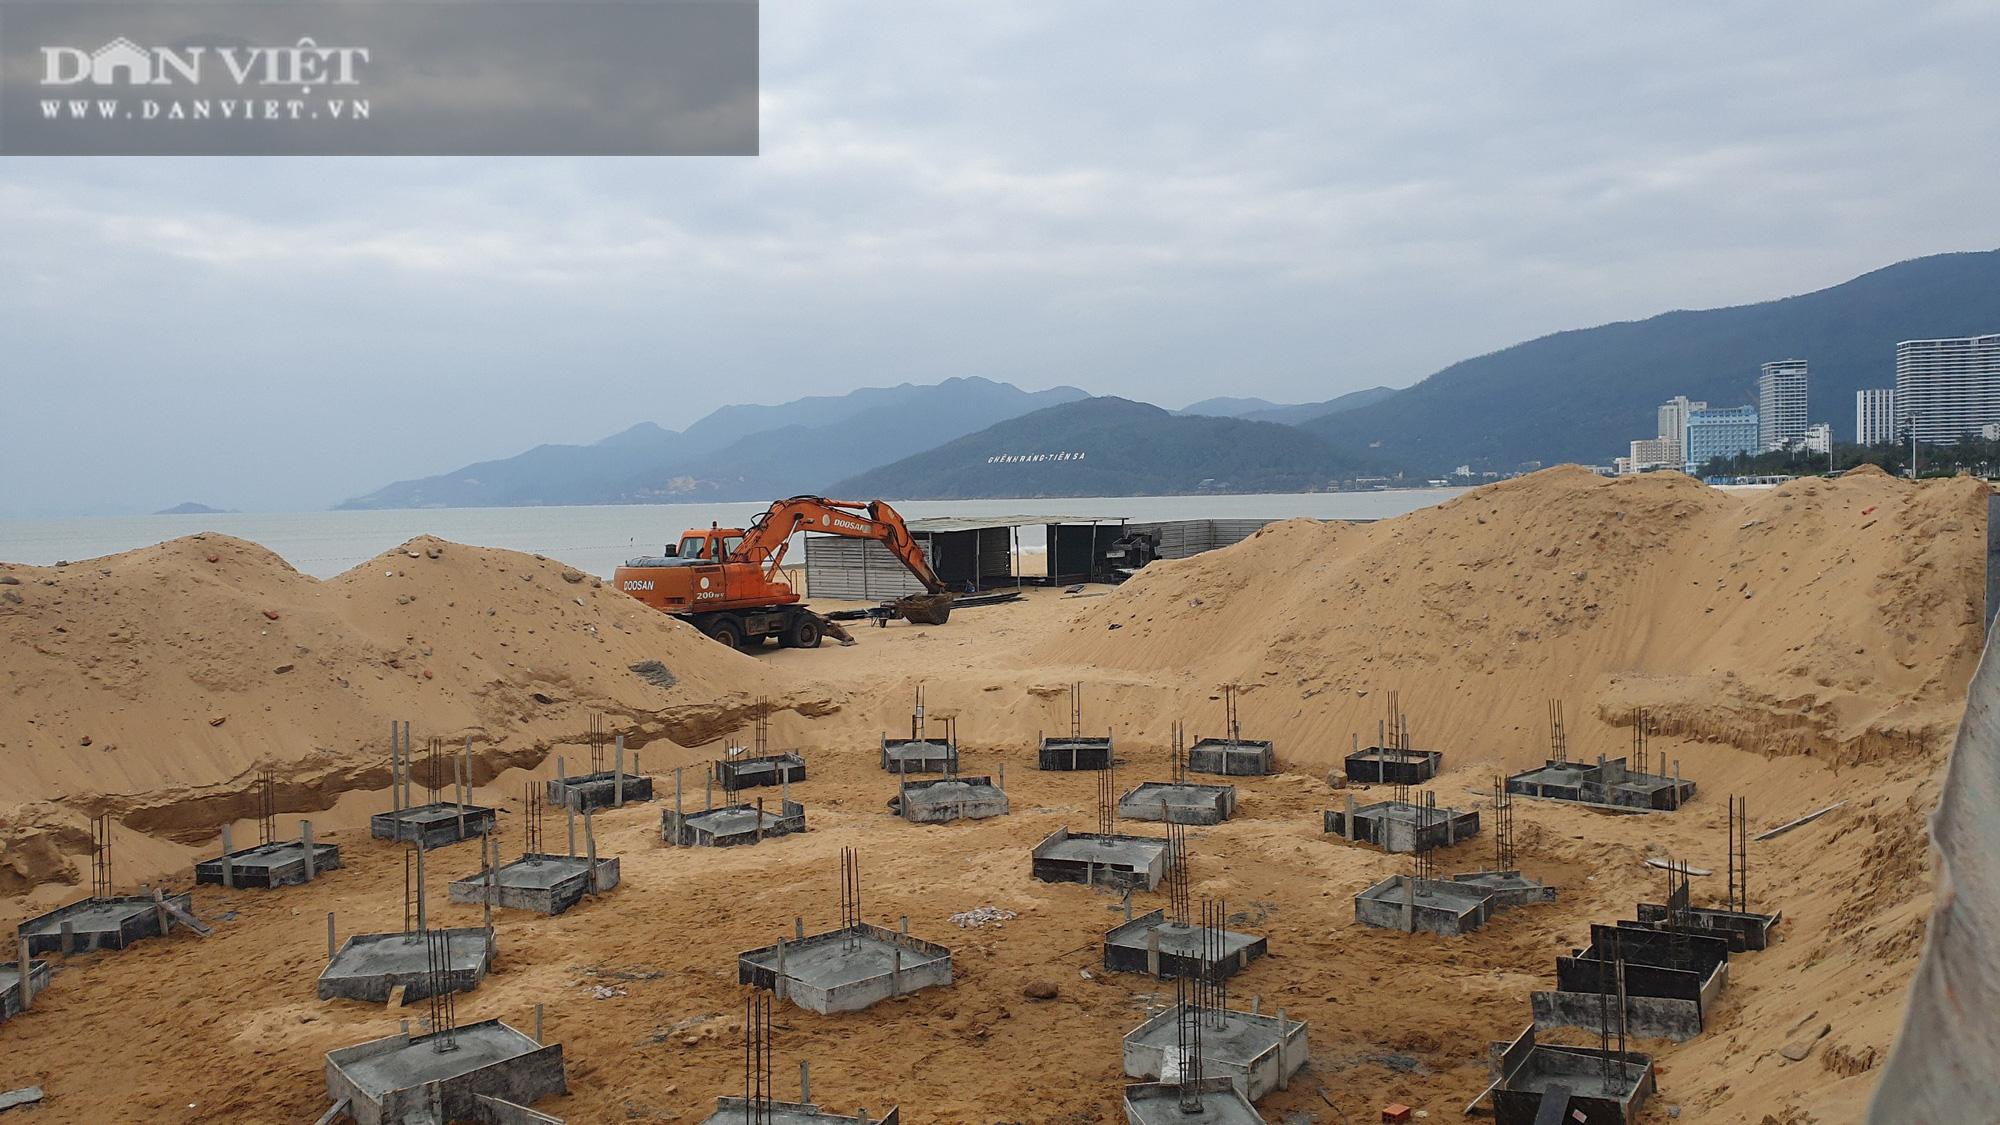 Cận cảnh cẩu 65 móng trụ bê tông không phép rời khỏi bãi biển Quy Nhơn - Ảnh 2.